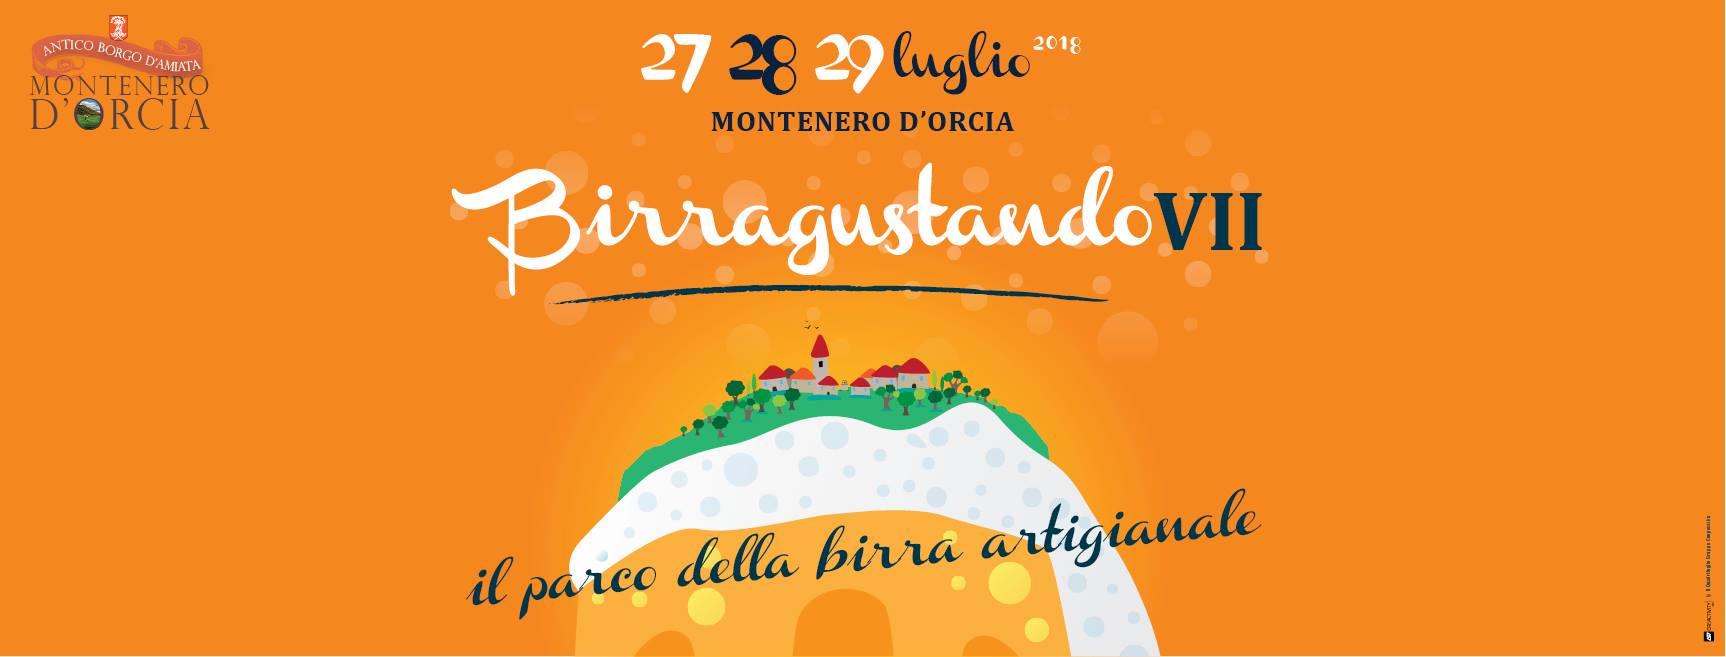 Birragustando 2018 - A Montenero D'orcia dal 27 al 29 luglio